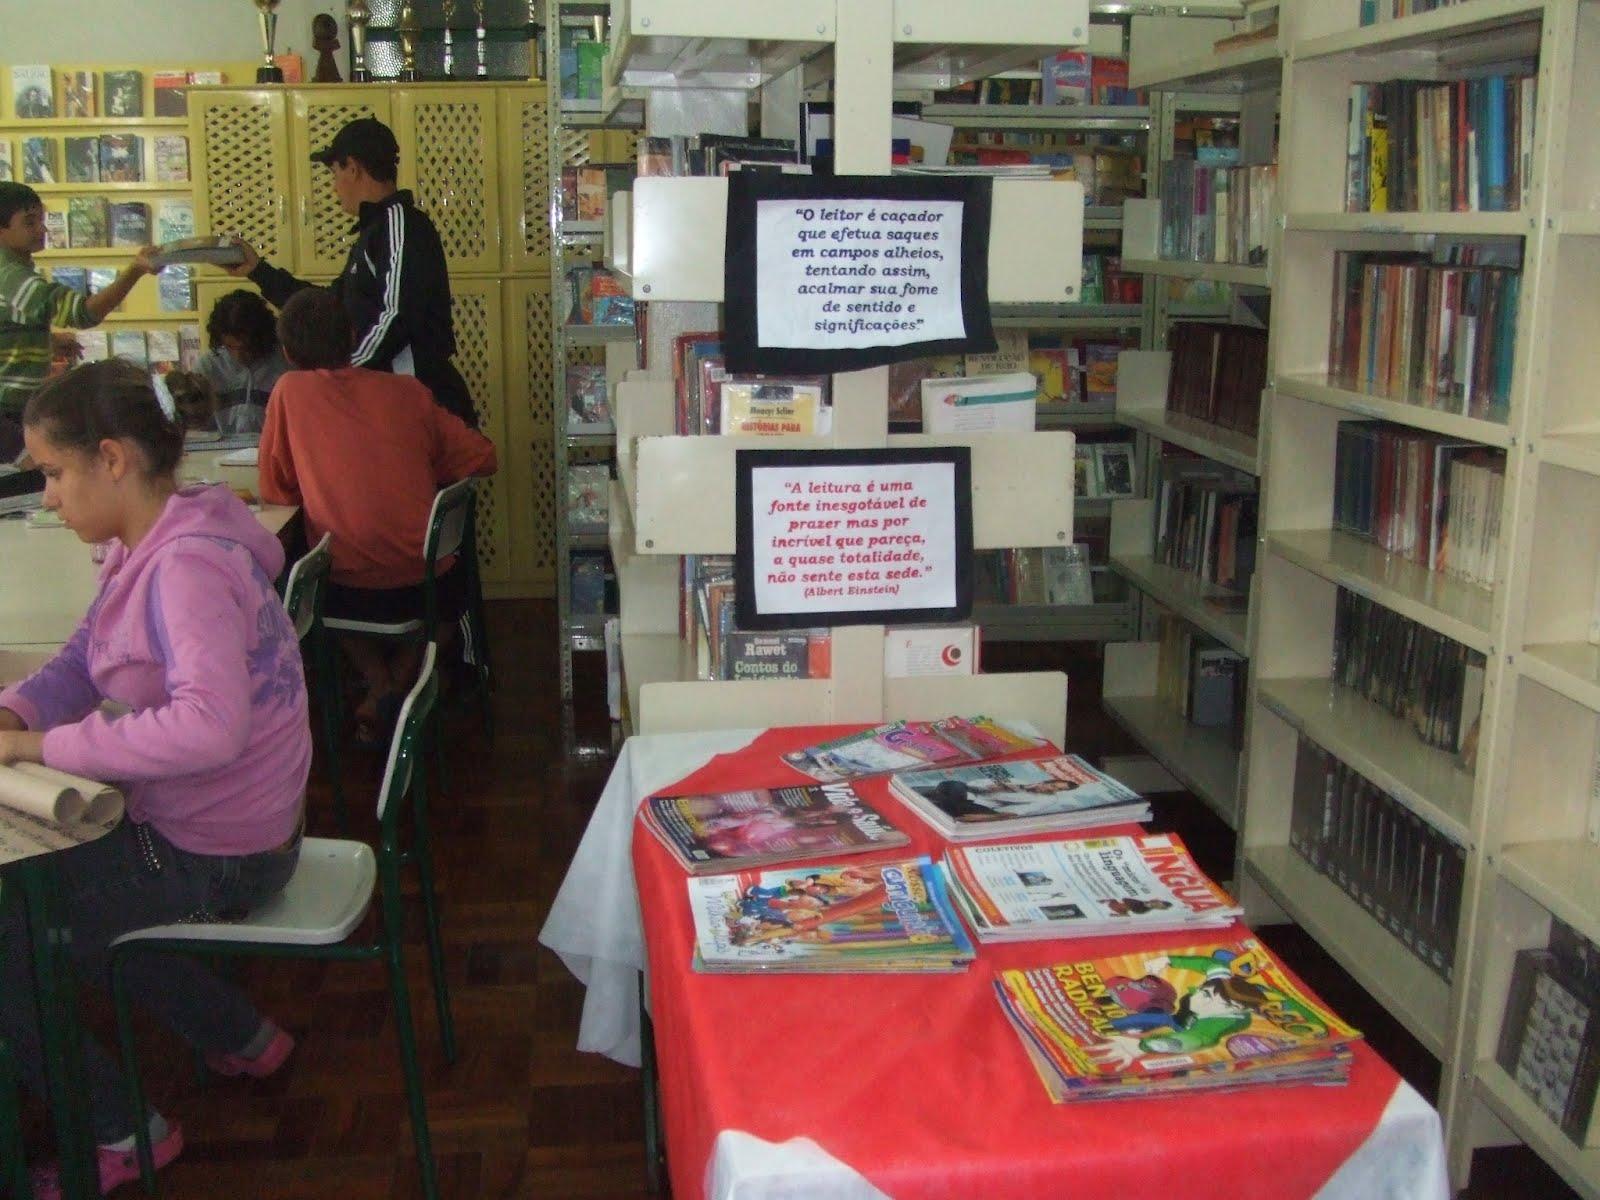 Estadual educa for Distancia entre estantes biblioteca